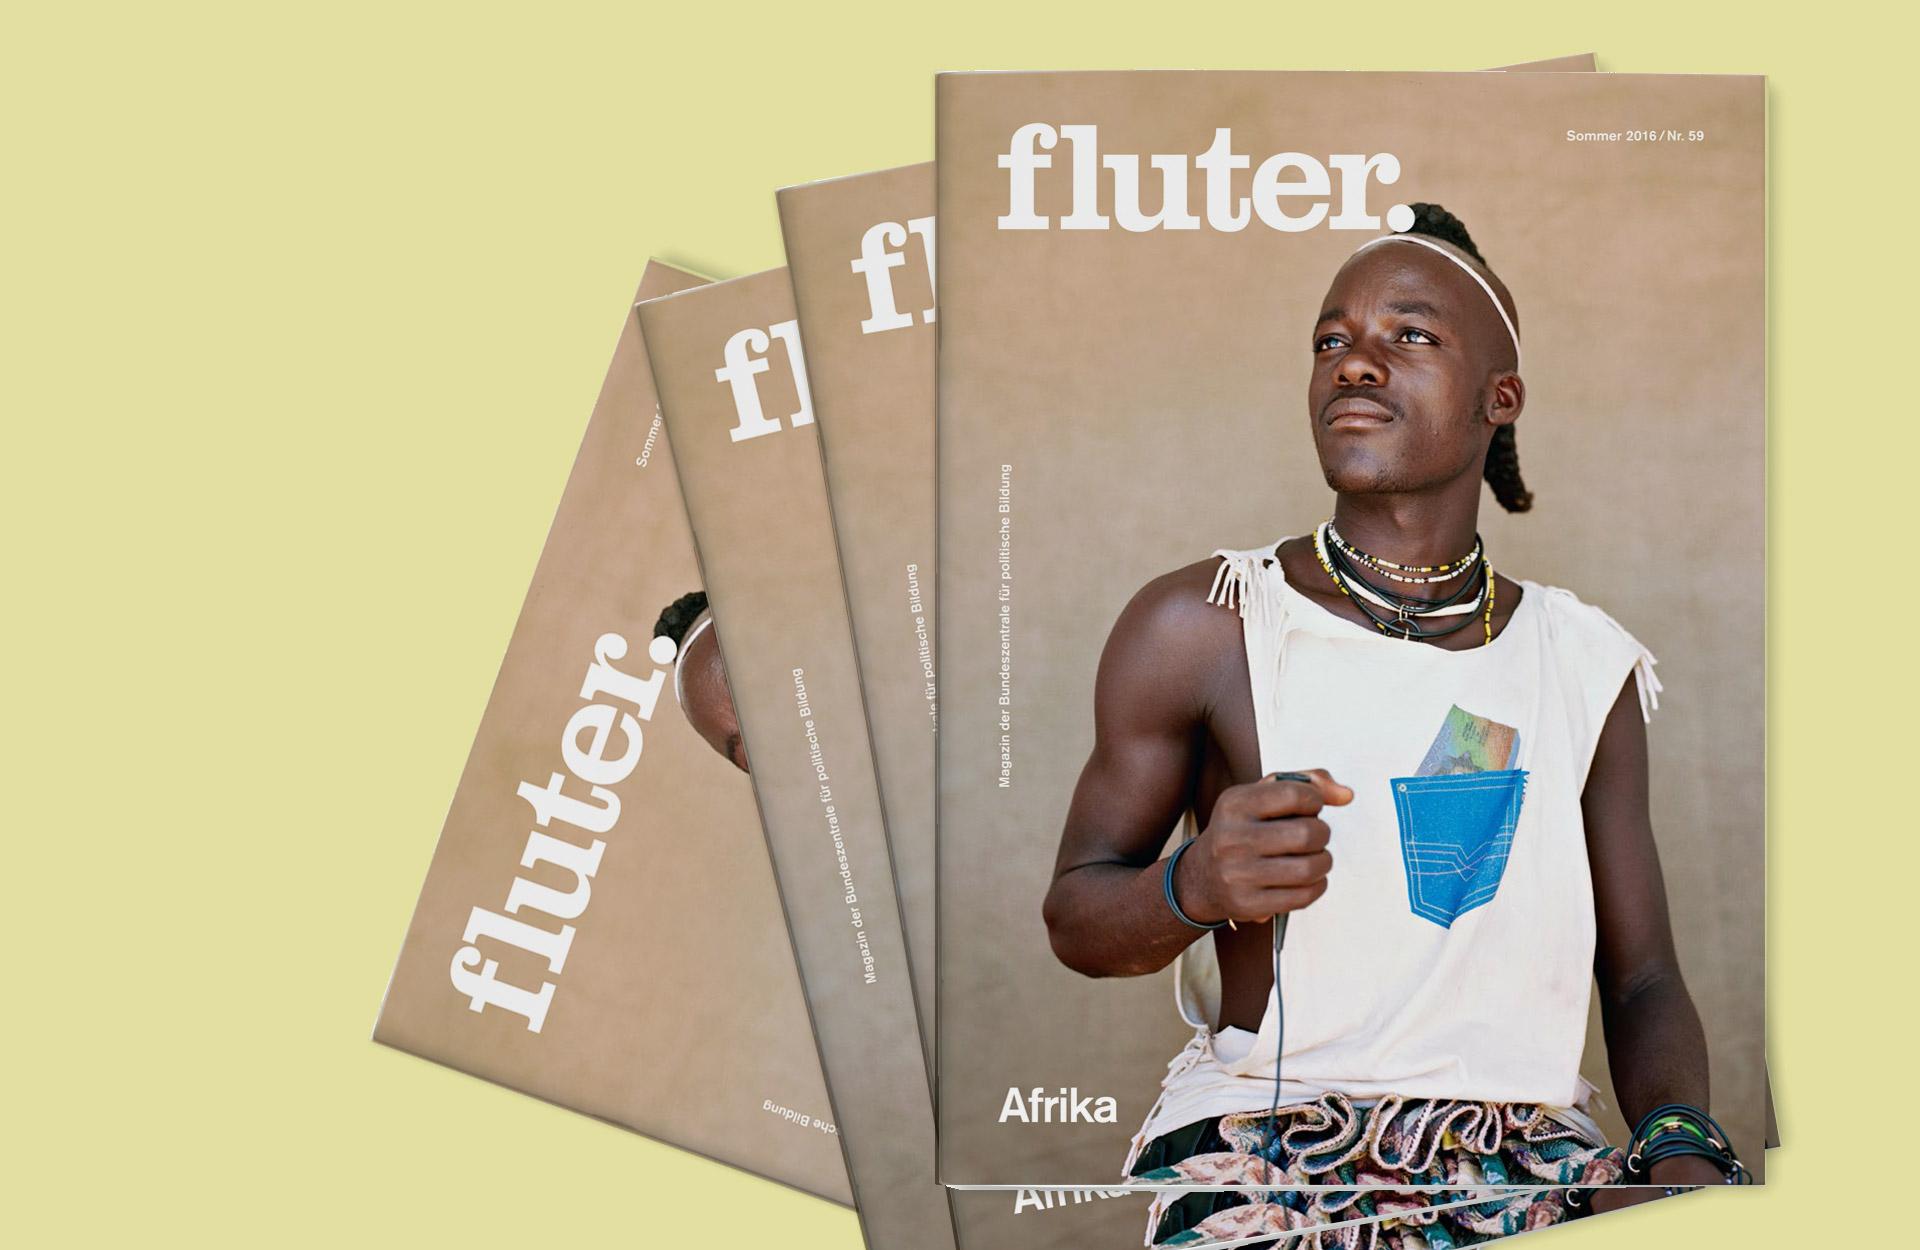 Flter_Afrike_cover